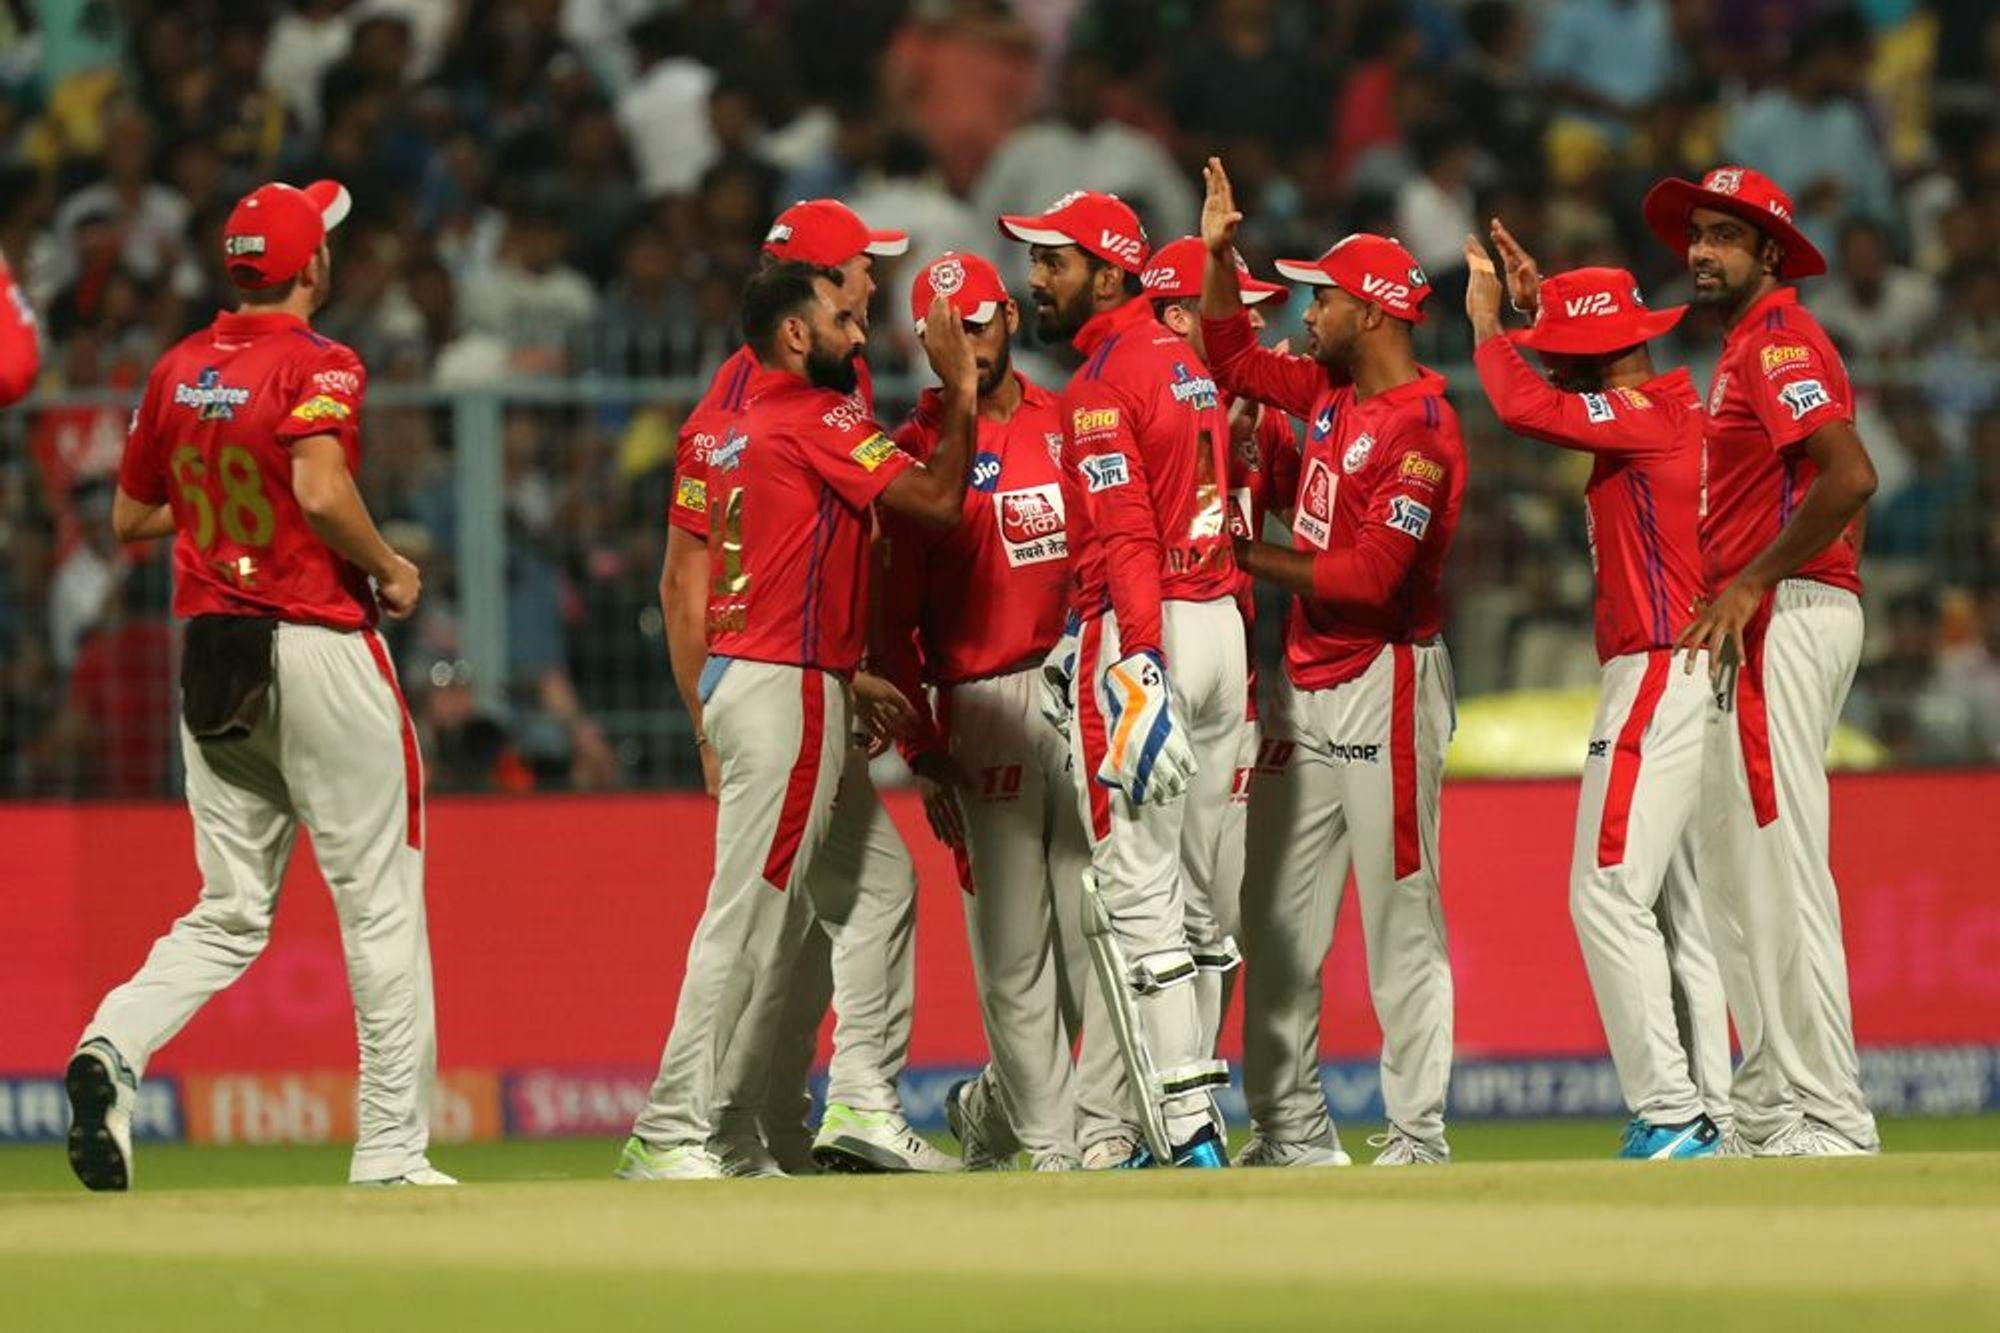 चेन्नई सुपर किंग्स से मिली करारी हार के बाद इन 3 बड़े बदलाव के साथ सनराइजर्स हैदराबाद के खिलाफ उतरेगी किंग्स इलेवन पंजाब 14